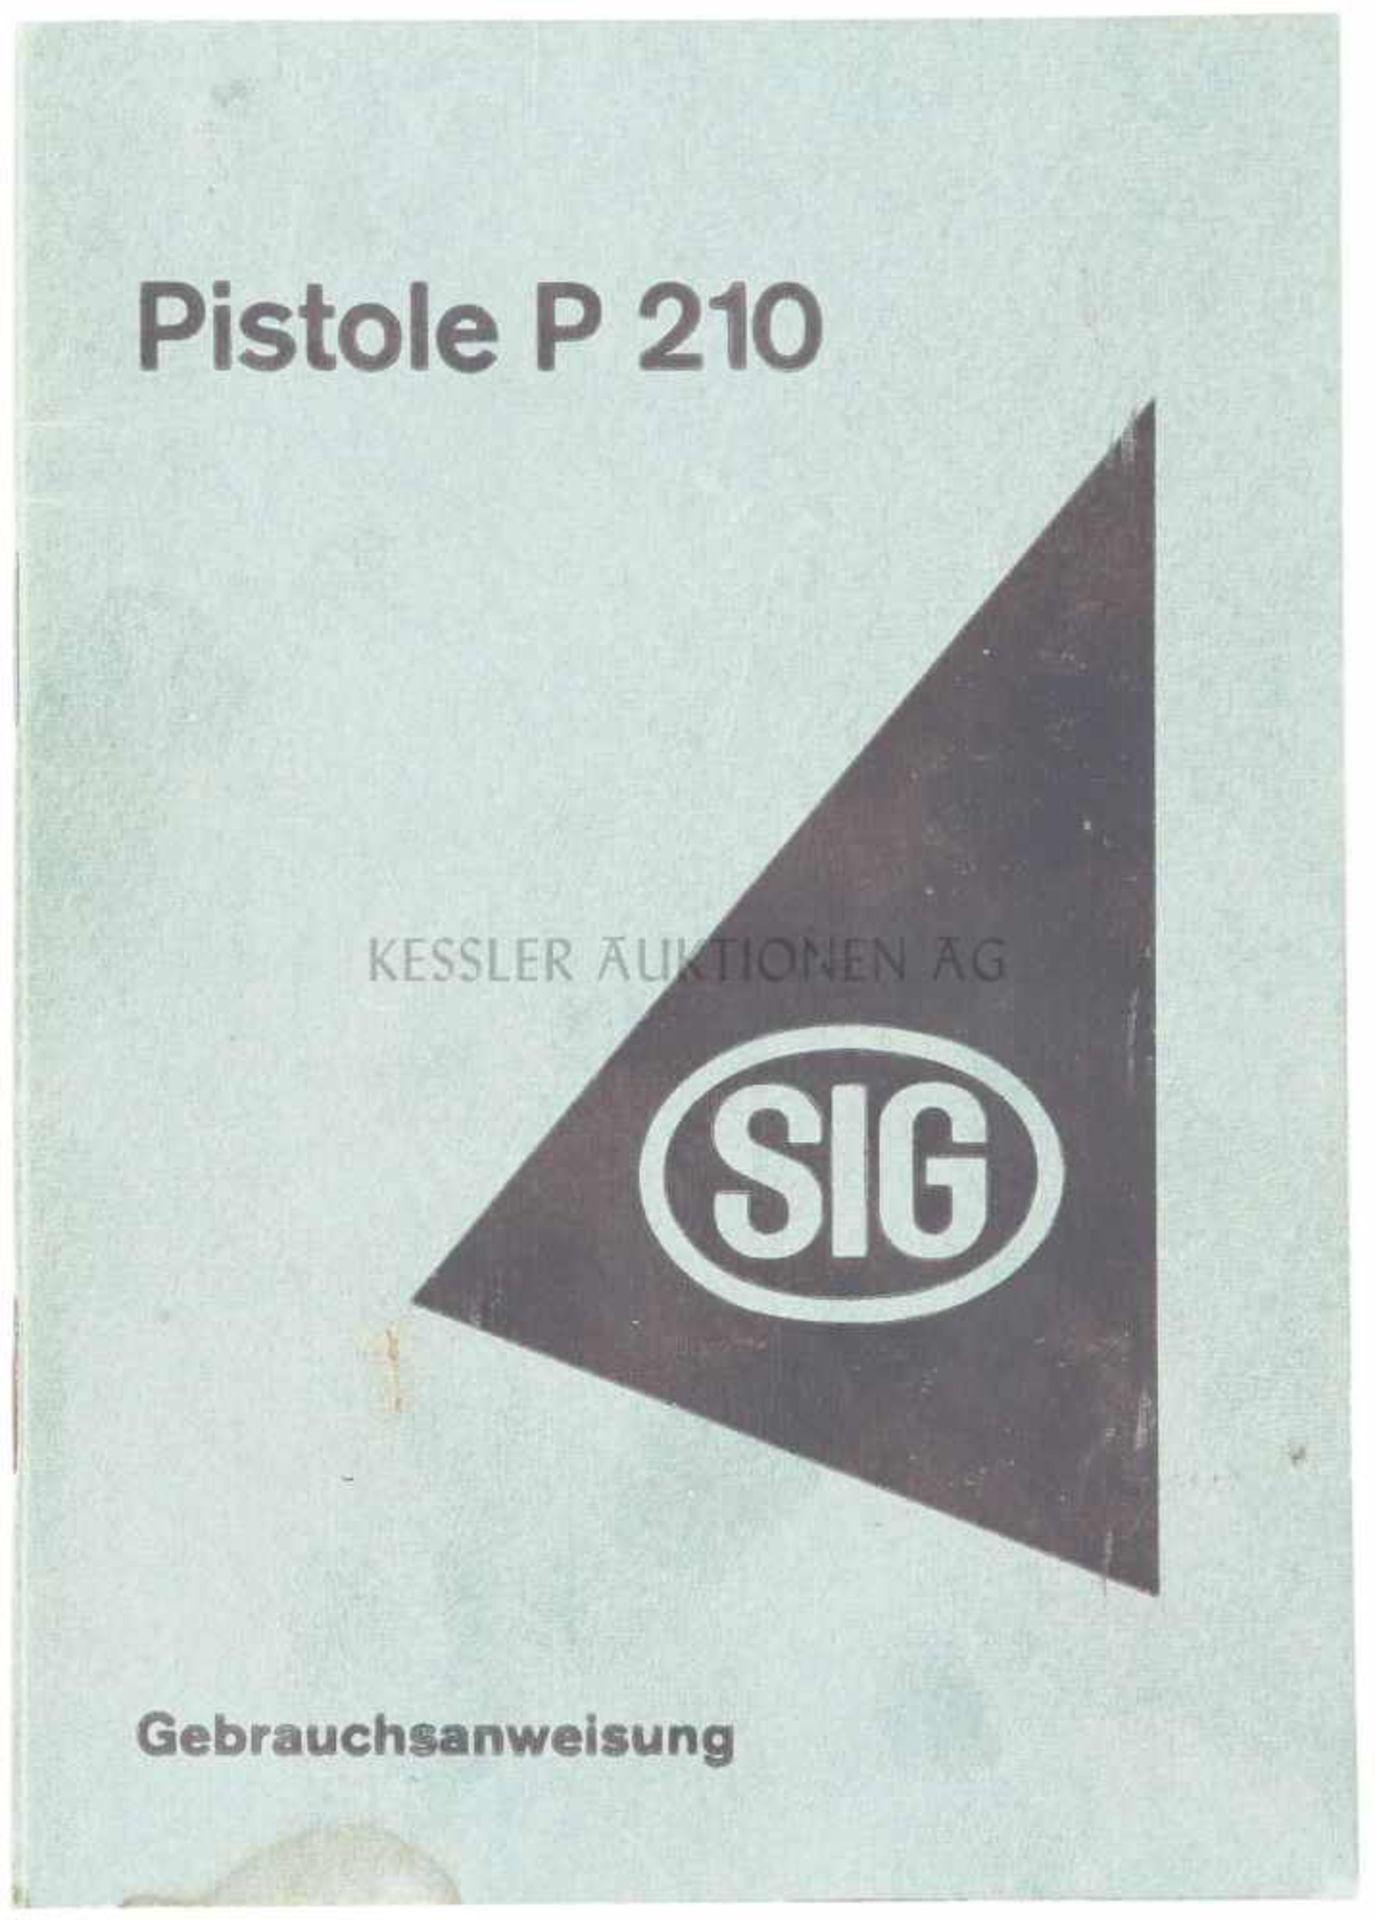 Los 9 - Bedienungsanleitung für die SIG P210 1. Auflage 1950 Grün kartonierte Bedienungs- und